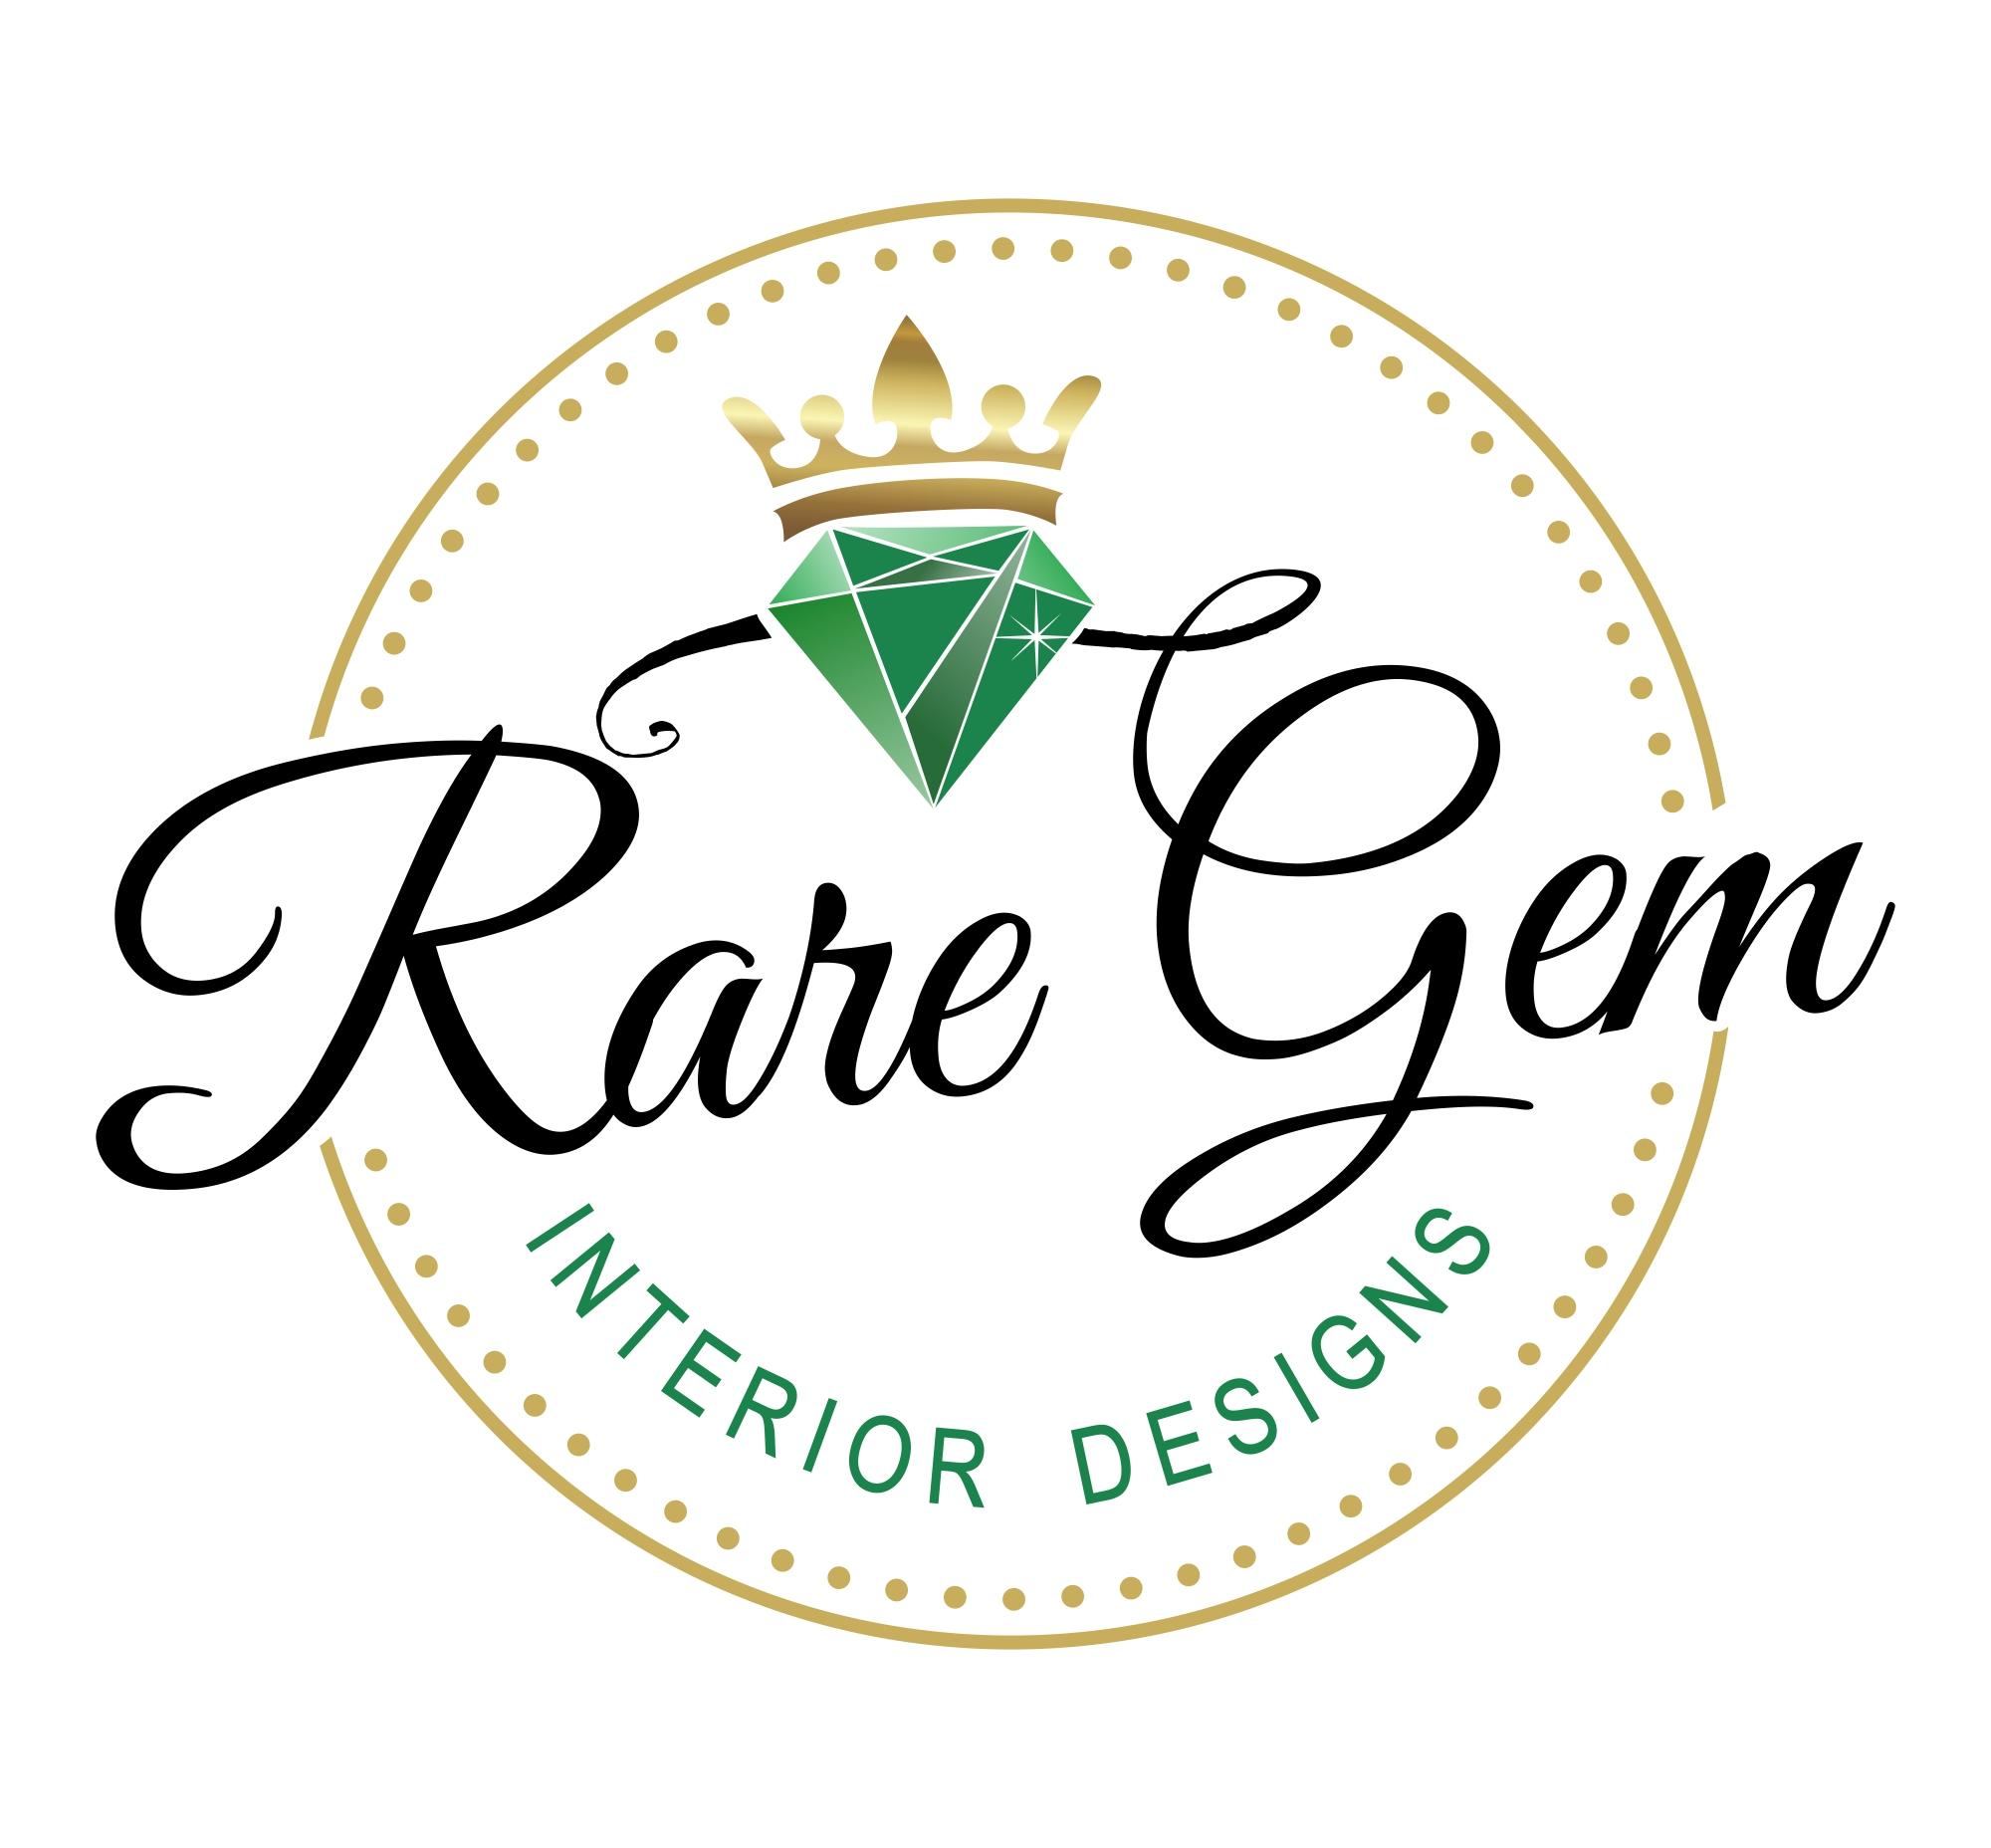 Rare Gem Interior Designs